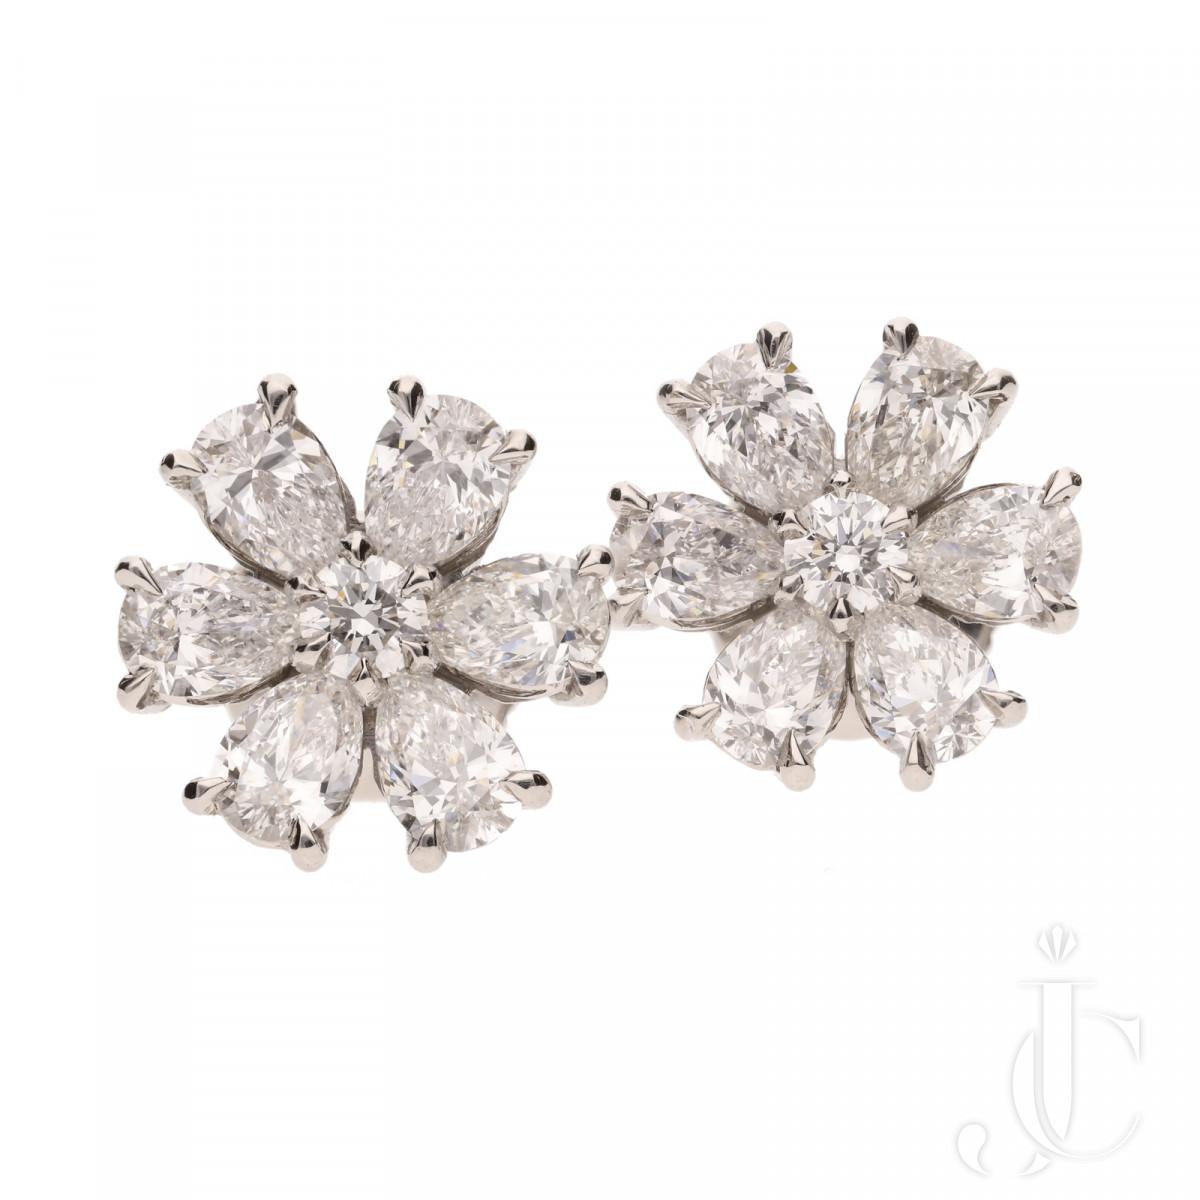 G VS Diamond flower head cluster earrings